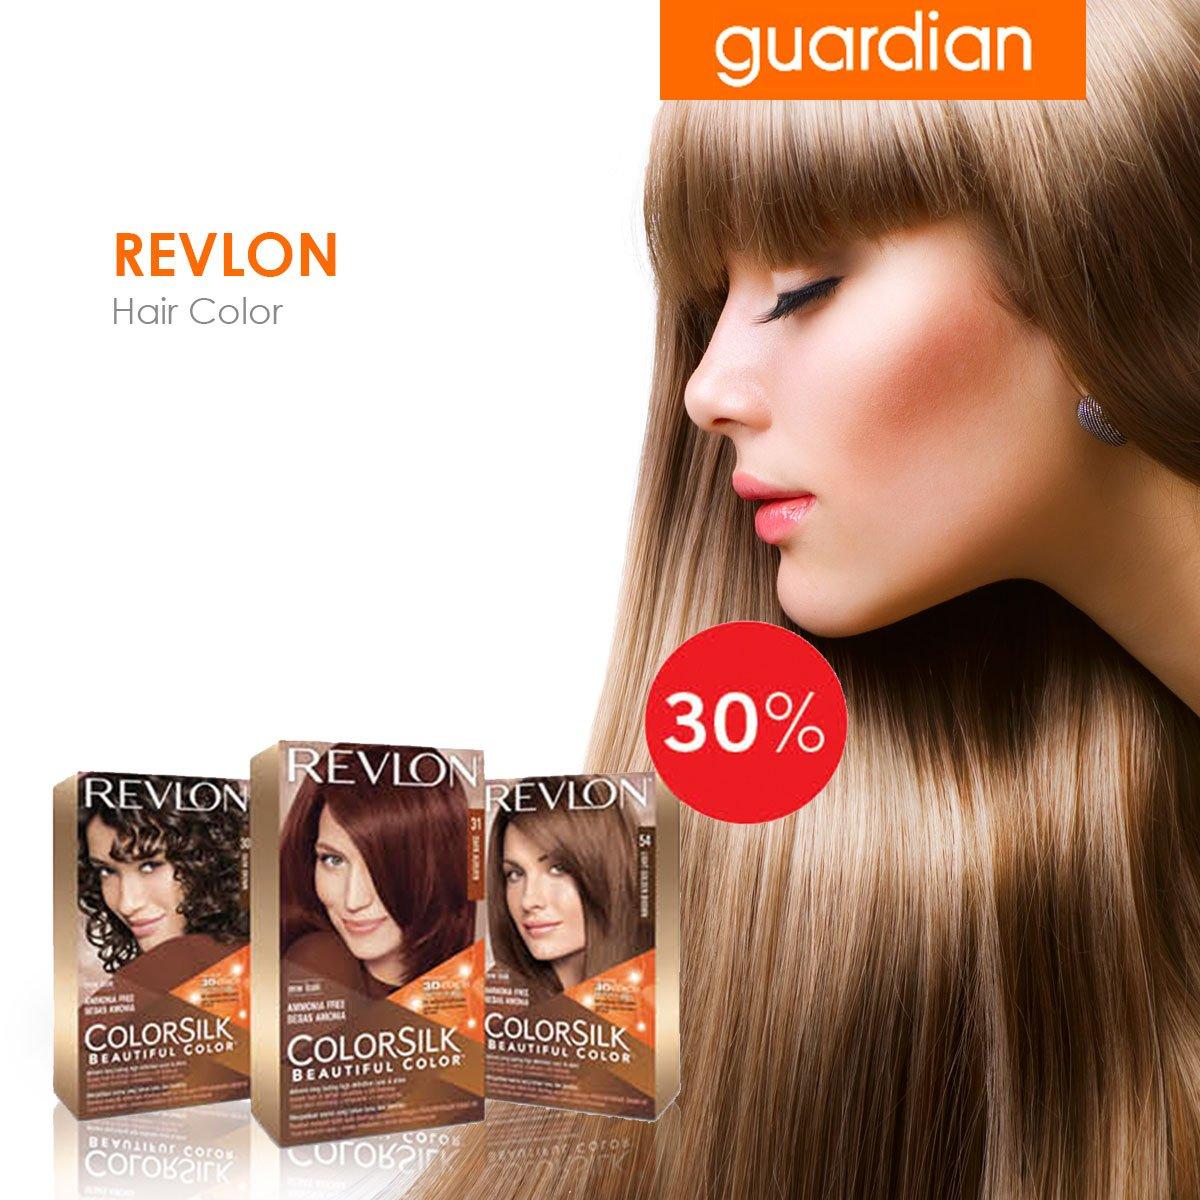 Dapatkan Diskon 30 Untuk Revlon Hair Color Hingga Tanggal 25 Juli